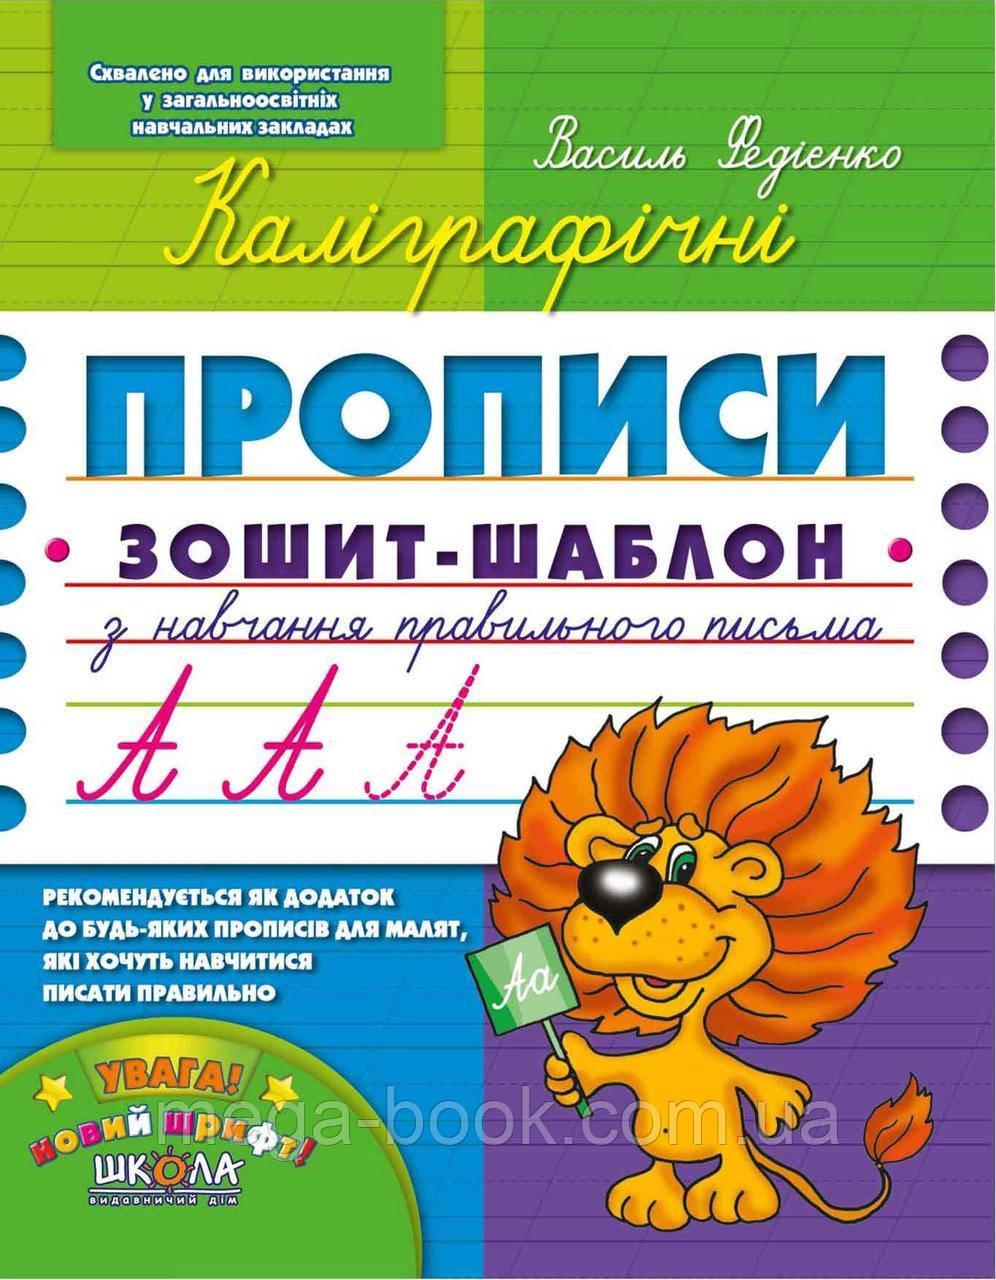 Каліграфічні прописи. Синя графічна сітка (українською мовою)